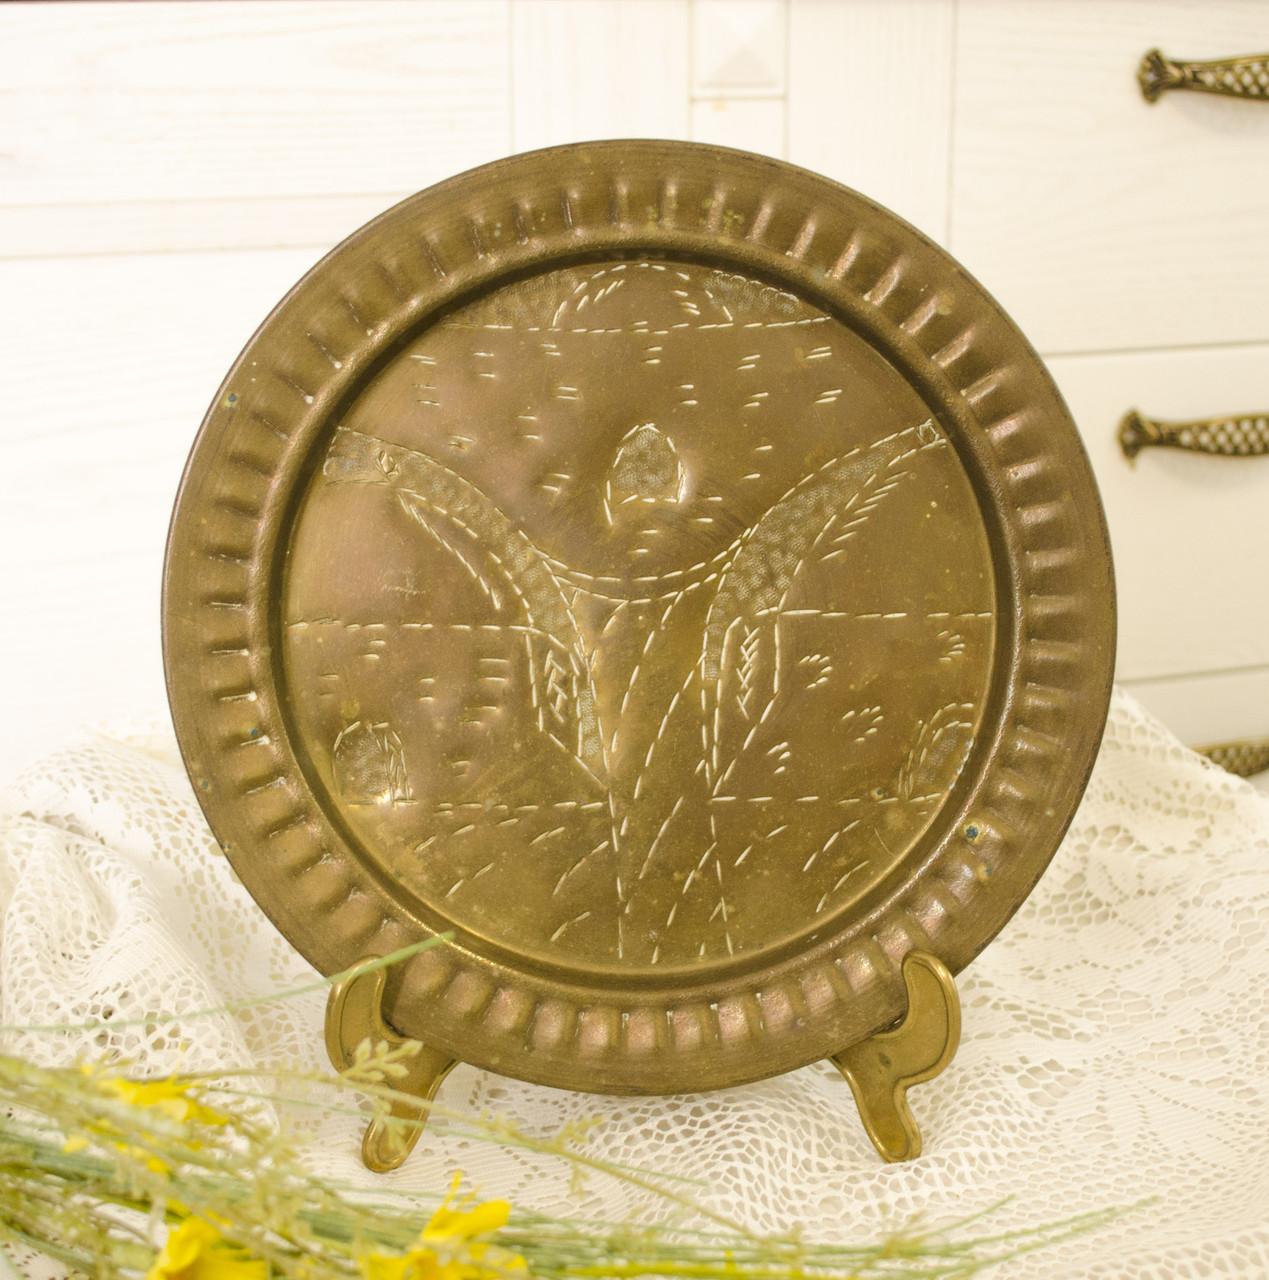 Старовинна настінна латунна тарілка, латунь, ручна робота, Індія